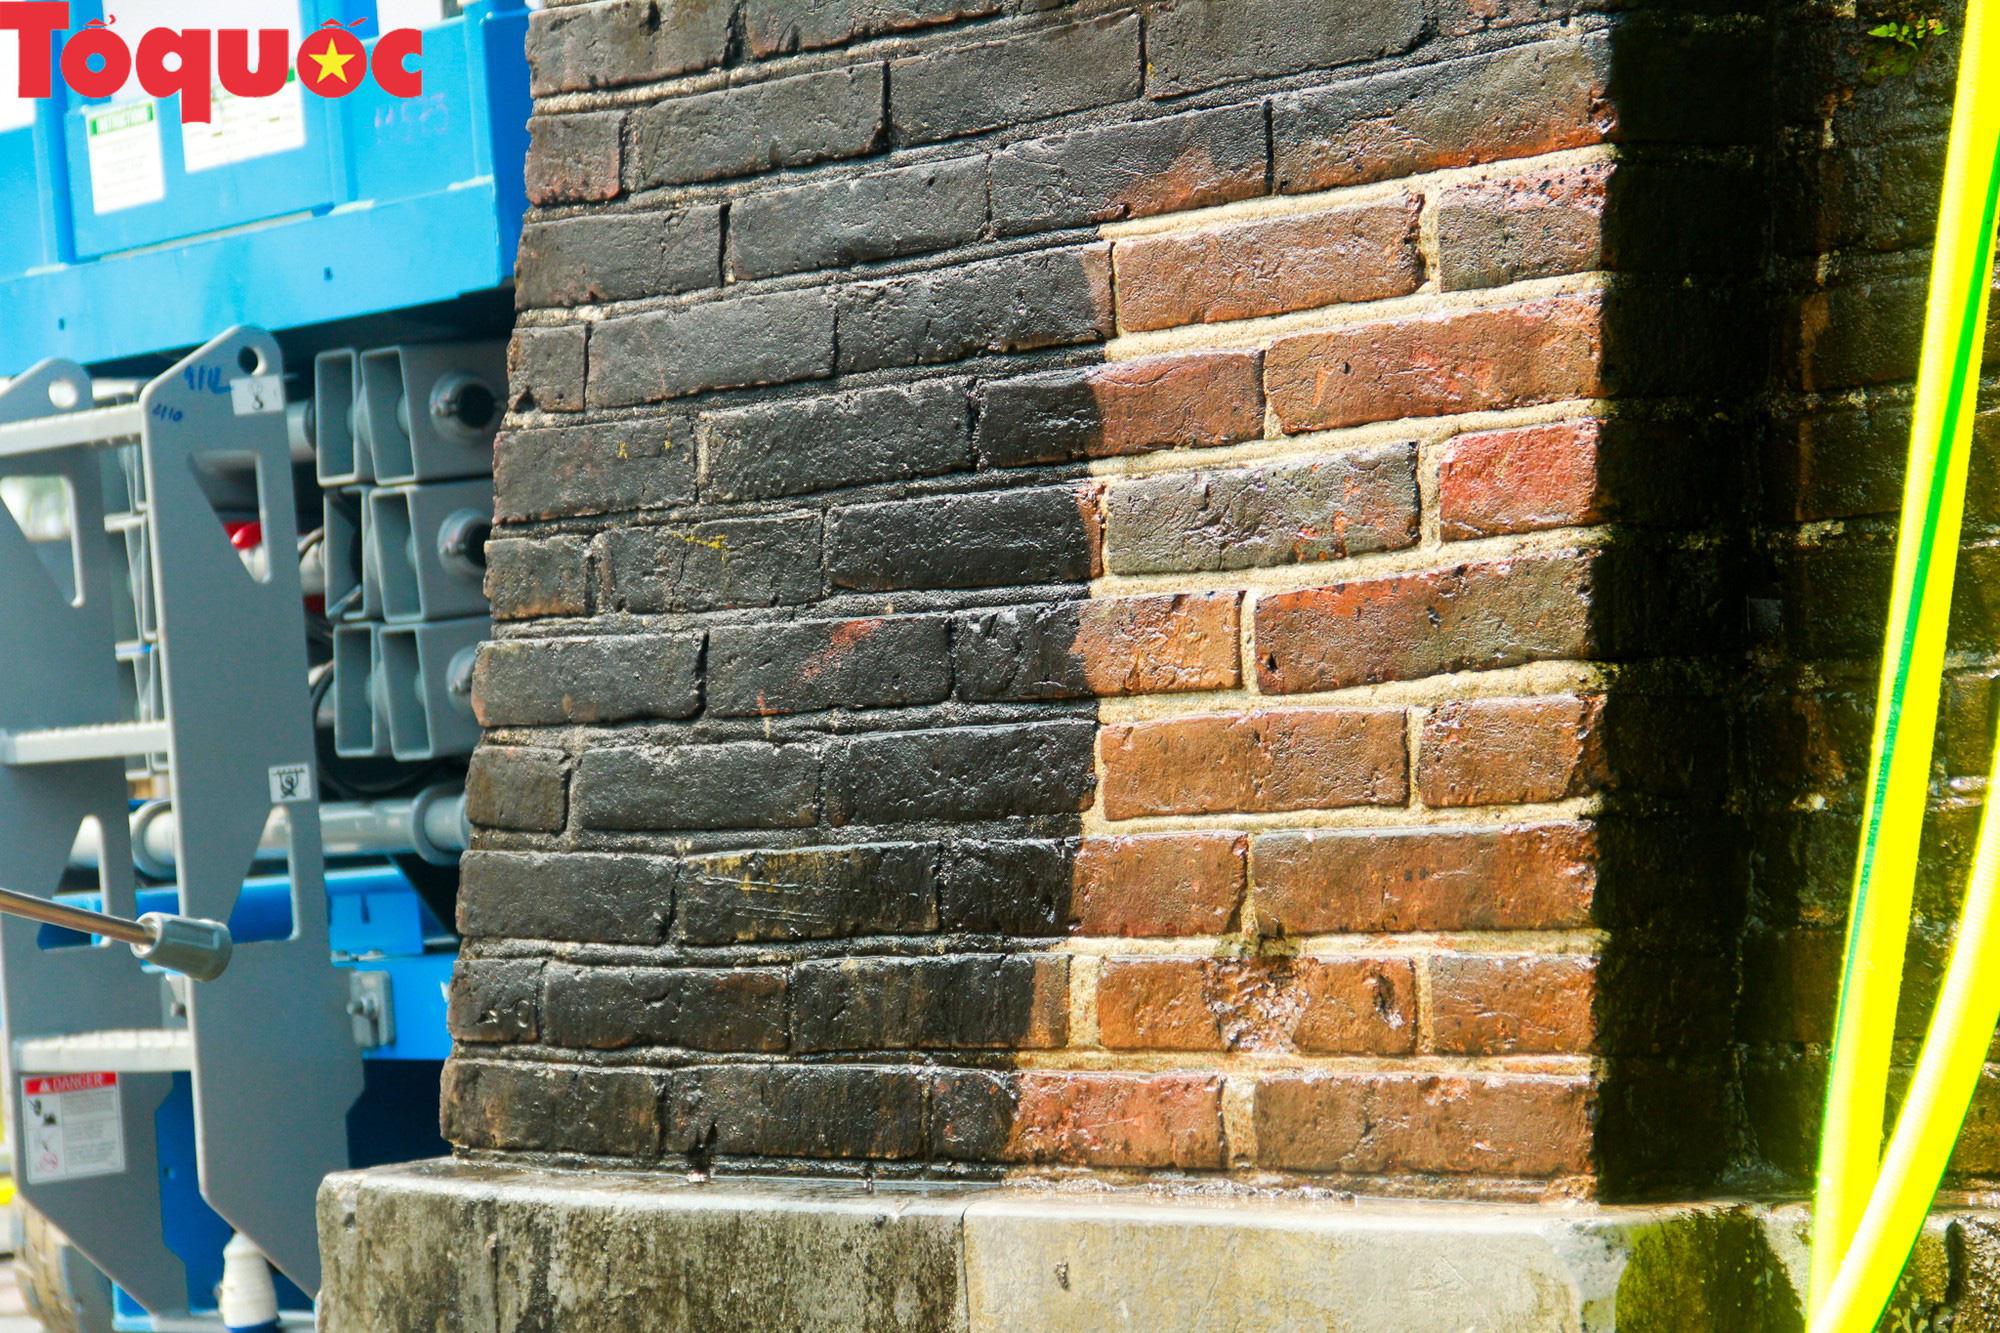 Xem chuyên gia làm sạch cổng Ngọ Môn Huế như đã thực hiện với tượng Chúa Cứu Thế tại Rio De Janeiro - Ảnh 14.